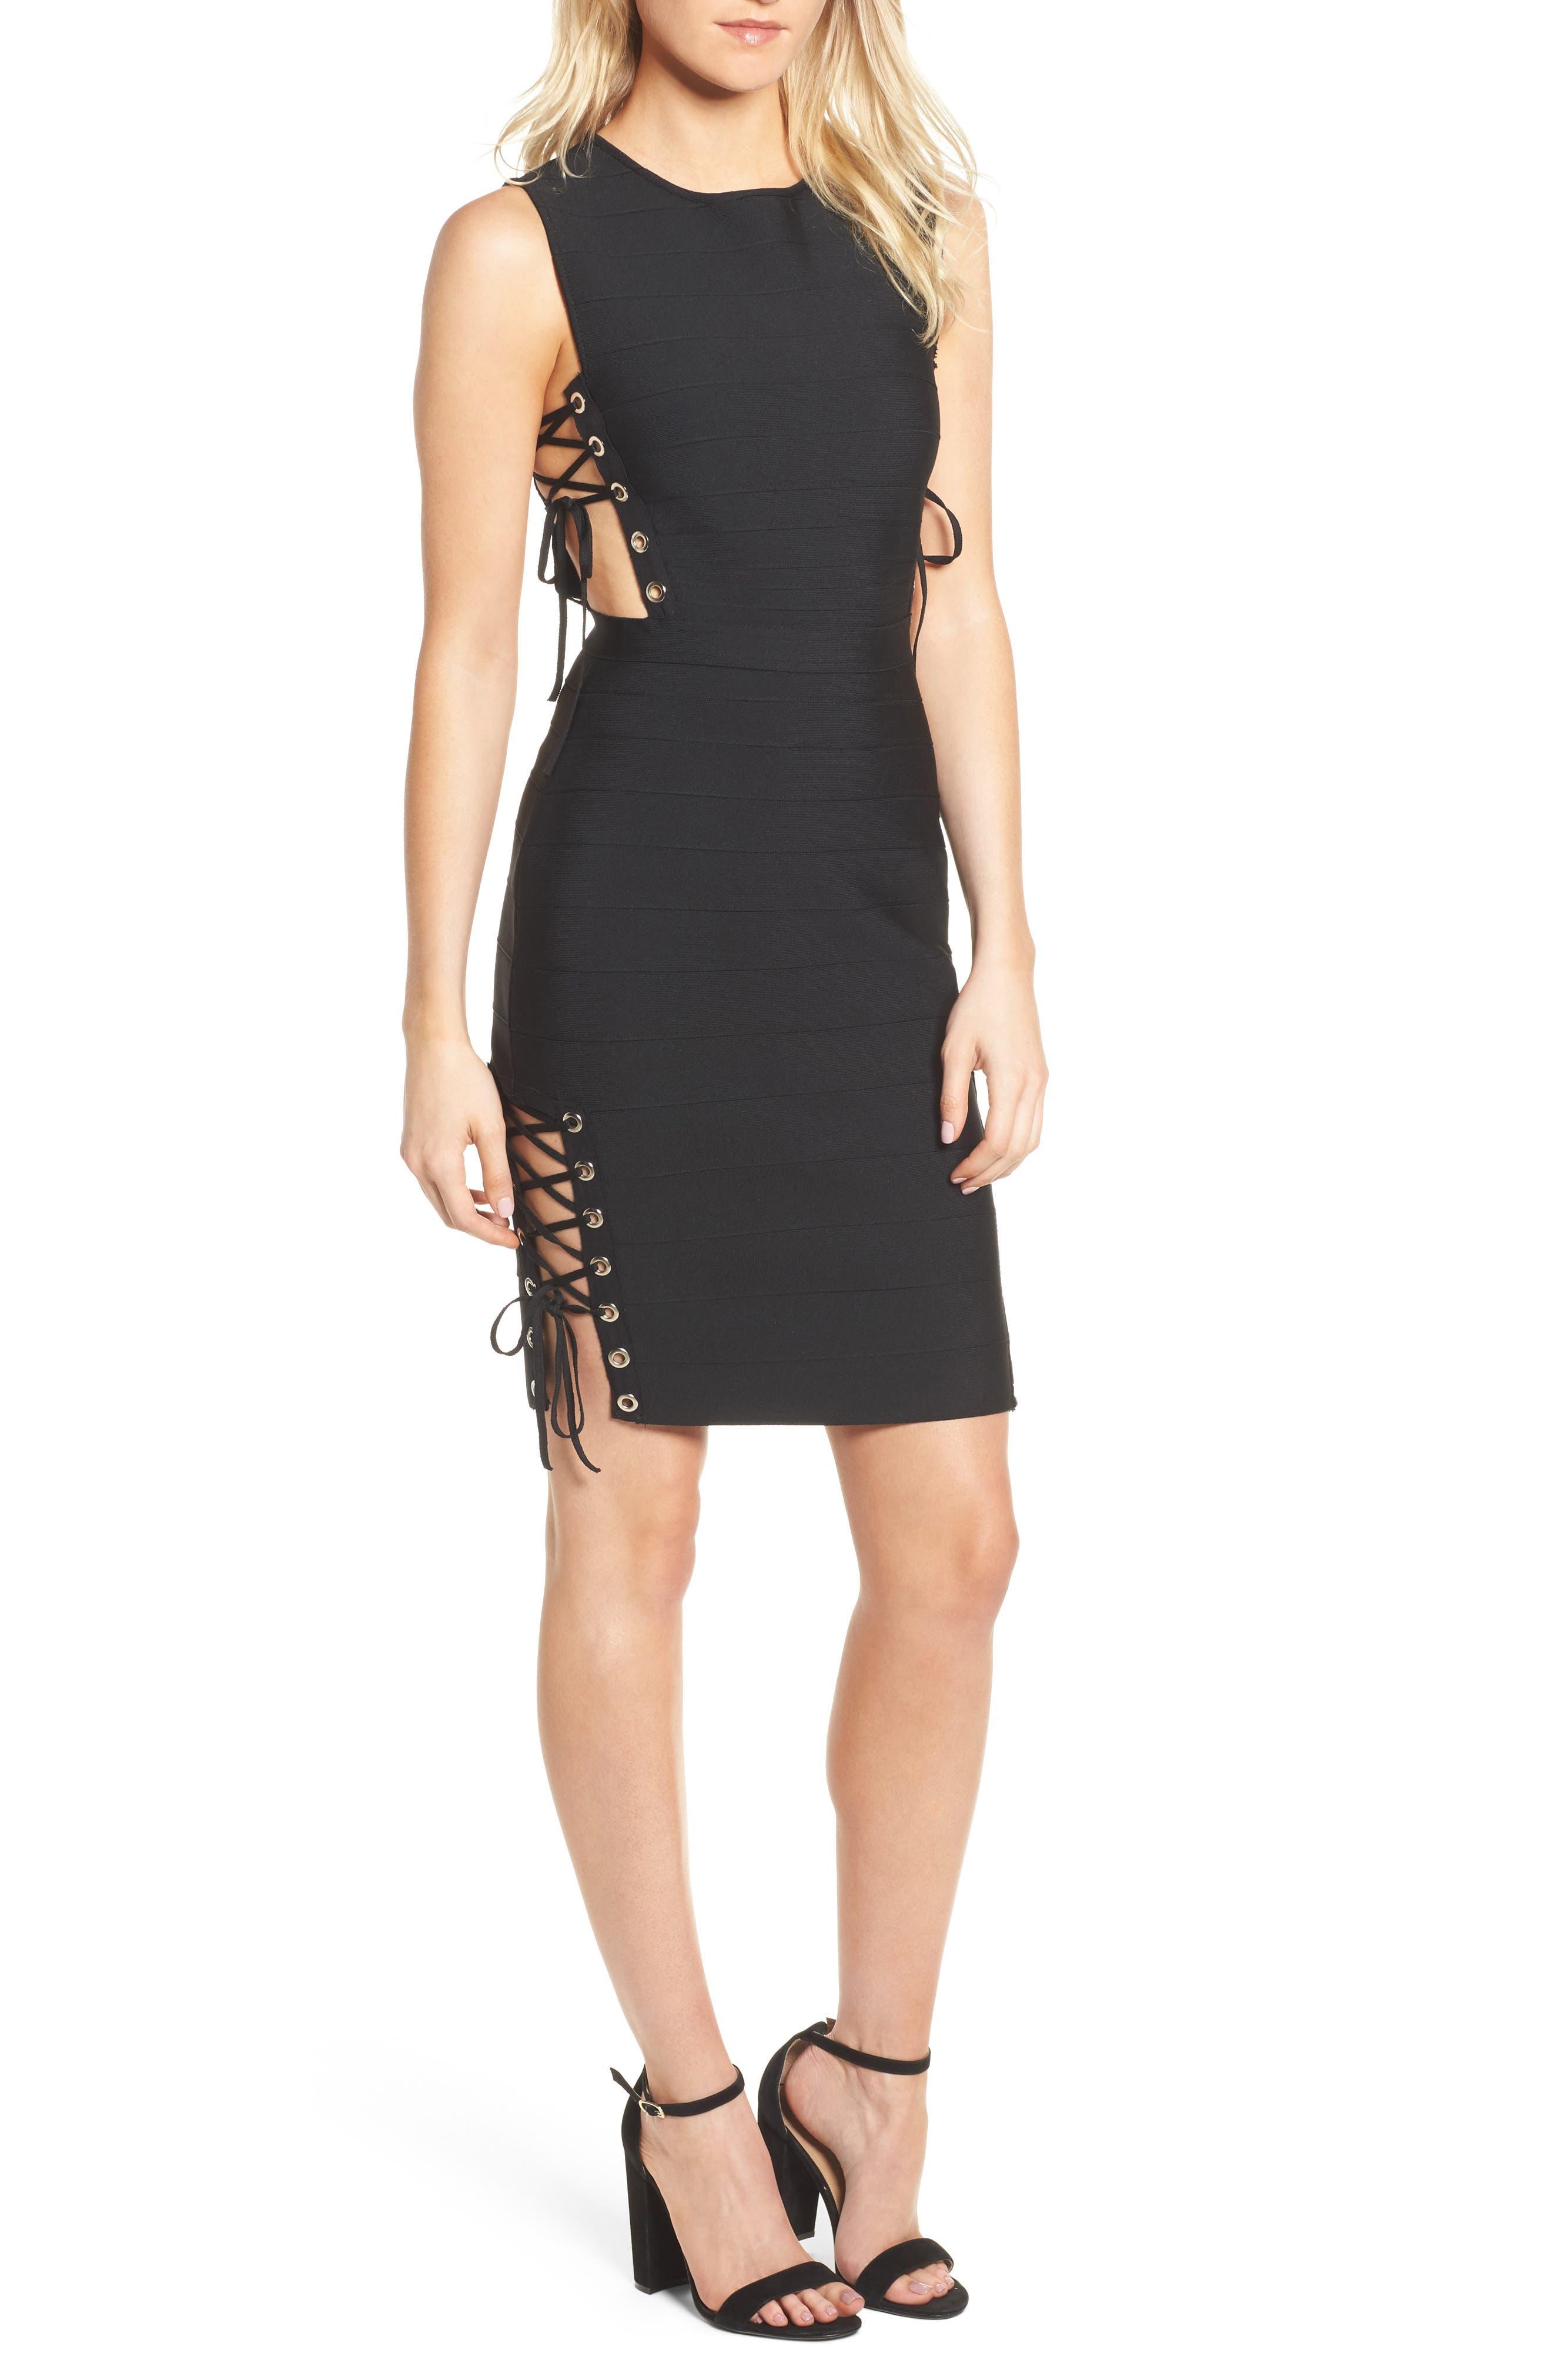 Main Image - Sentimental NY Lace-Up Bandage Dress